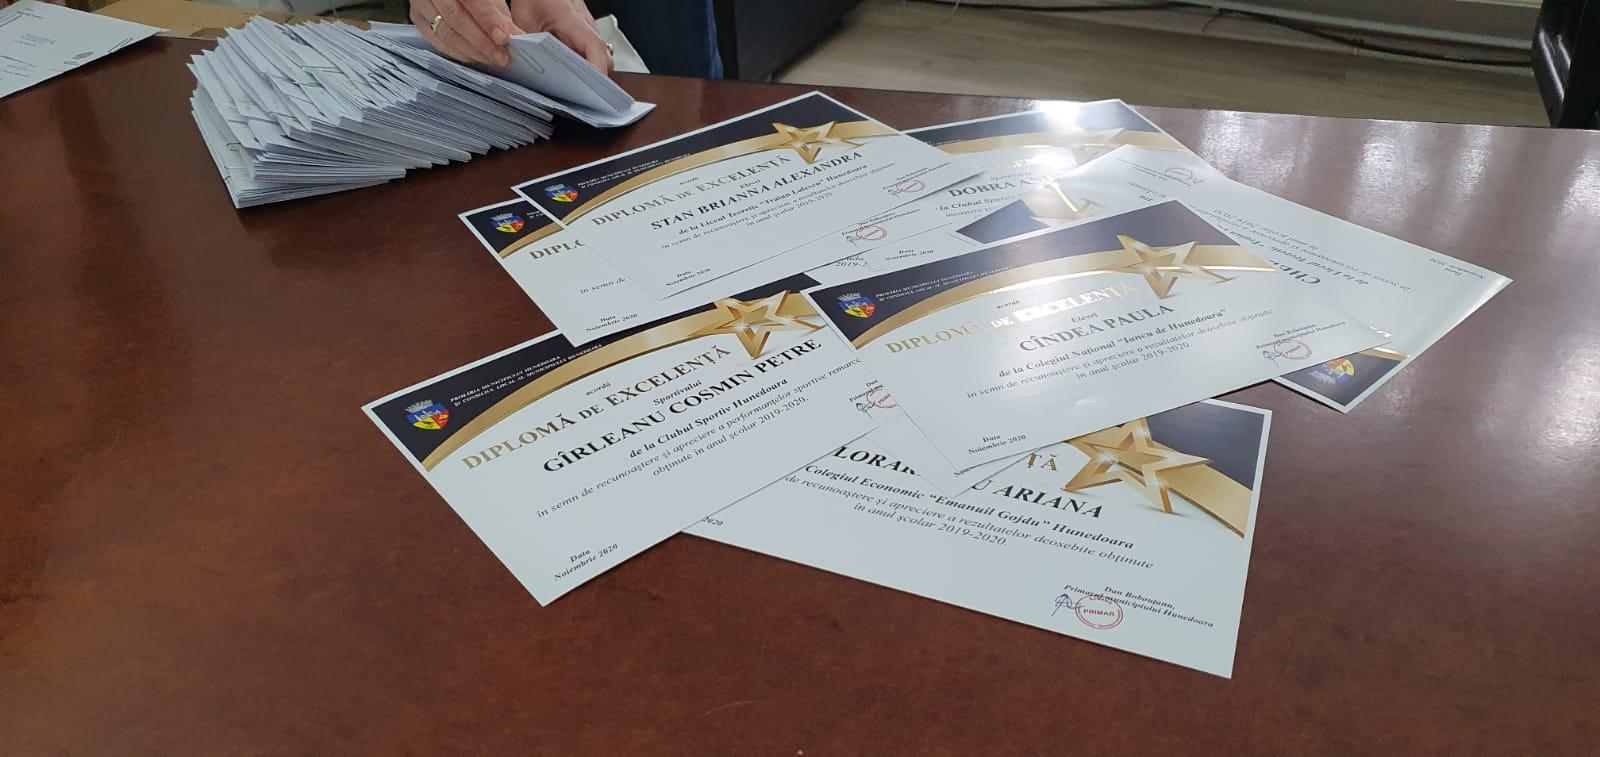 Excelența, răsplătită. Premii pentru cei mai merituoși elevi și sportivi din Hunedoara, din partea primăriei